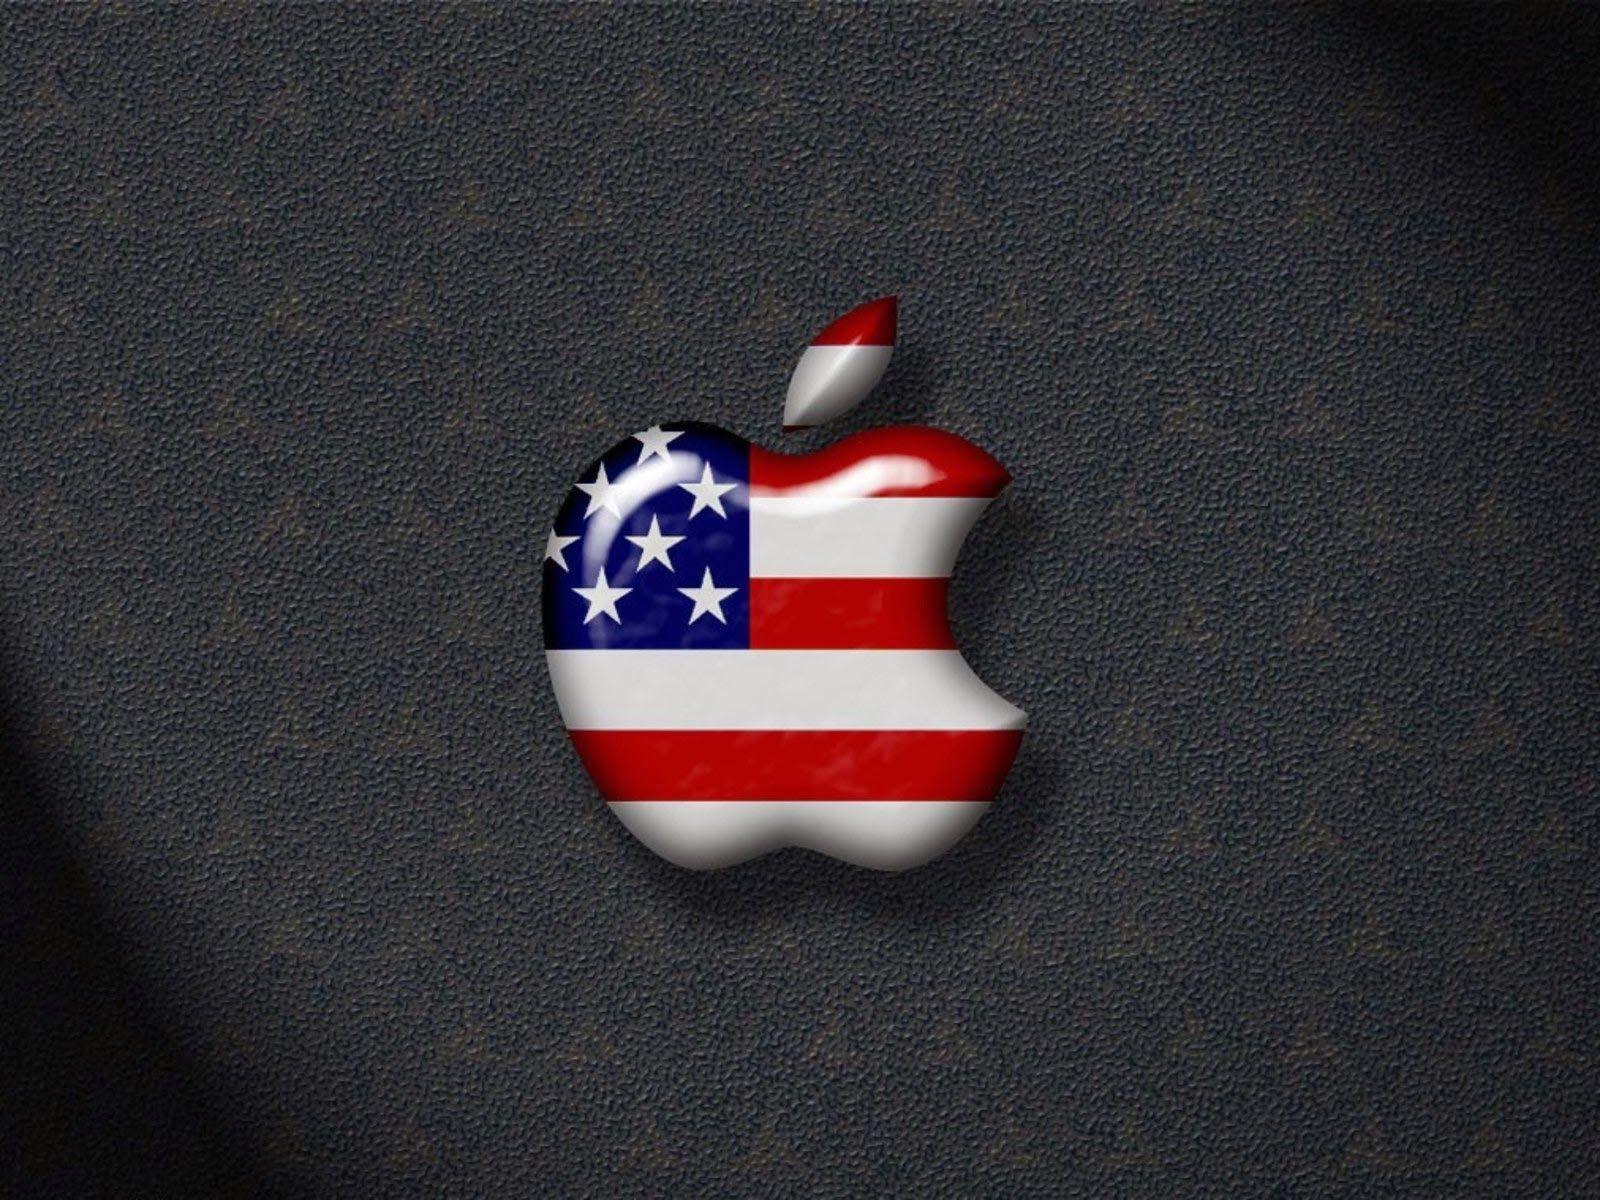 Apple Wallpaper Desktop HD wallpapers Apple logo